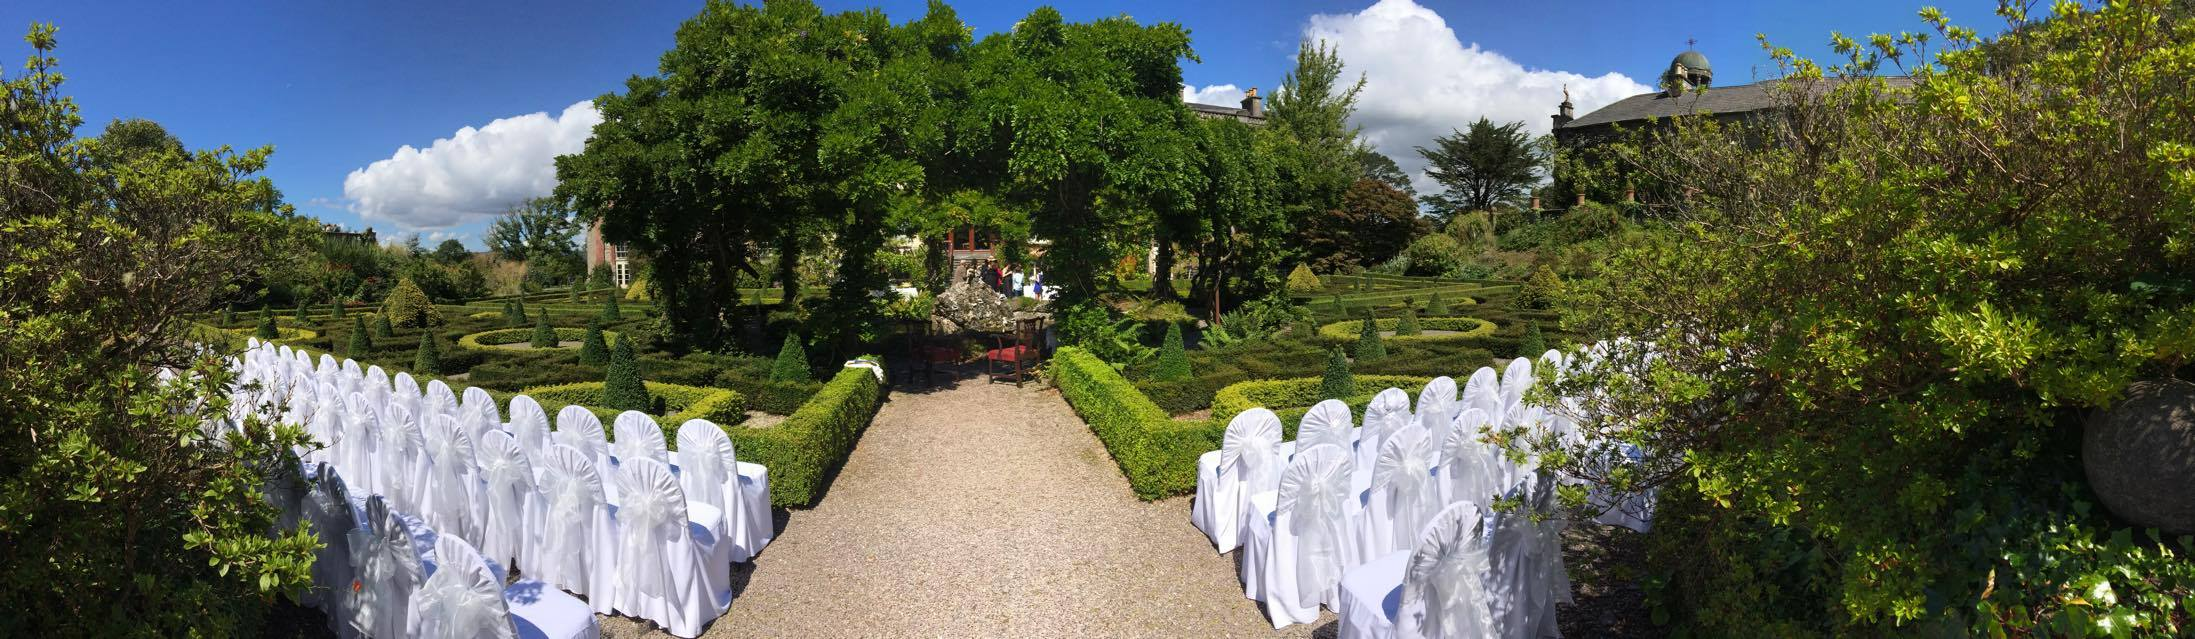 wedding-by-wisteria